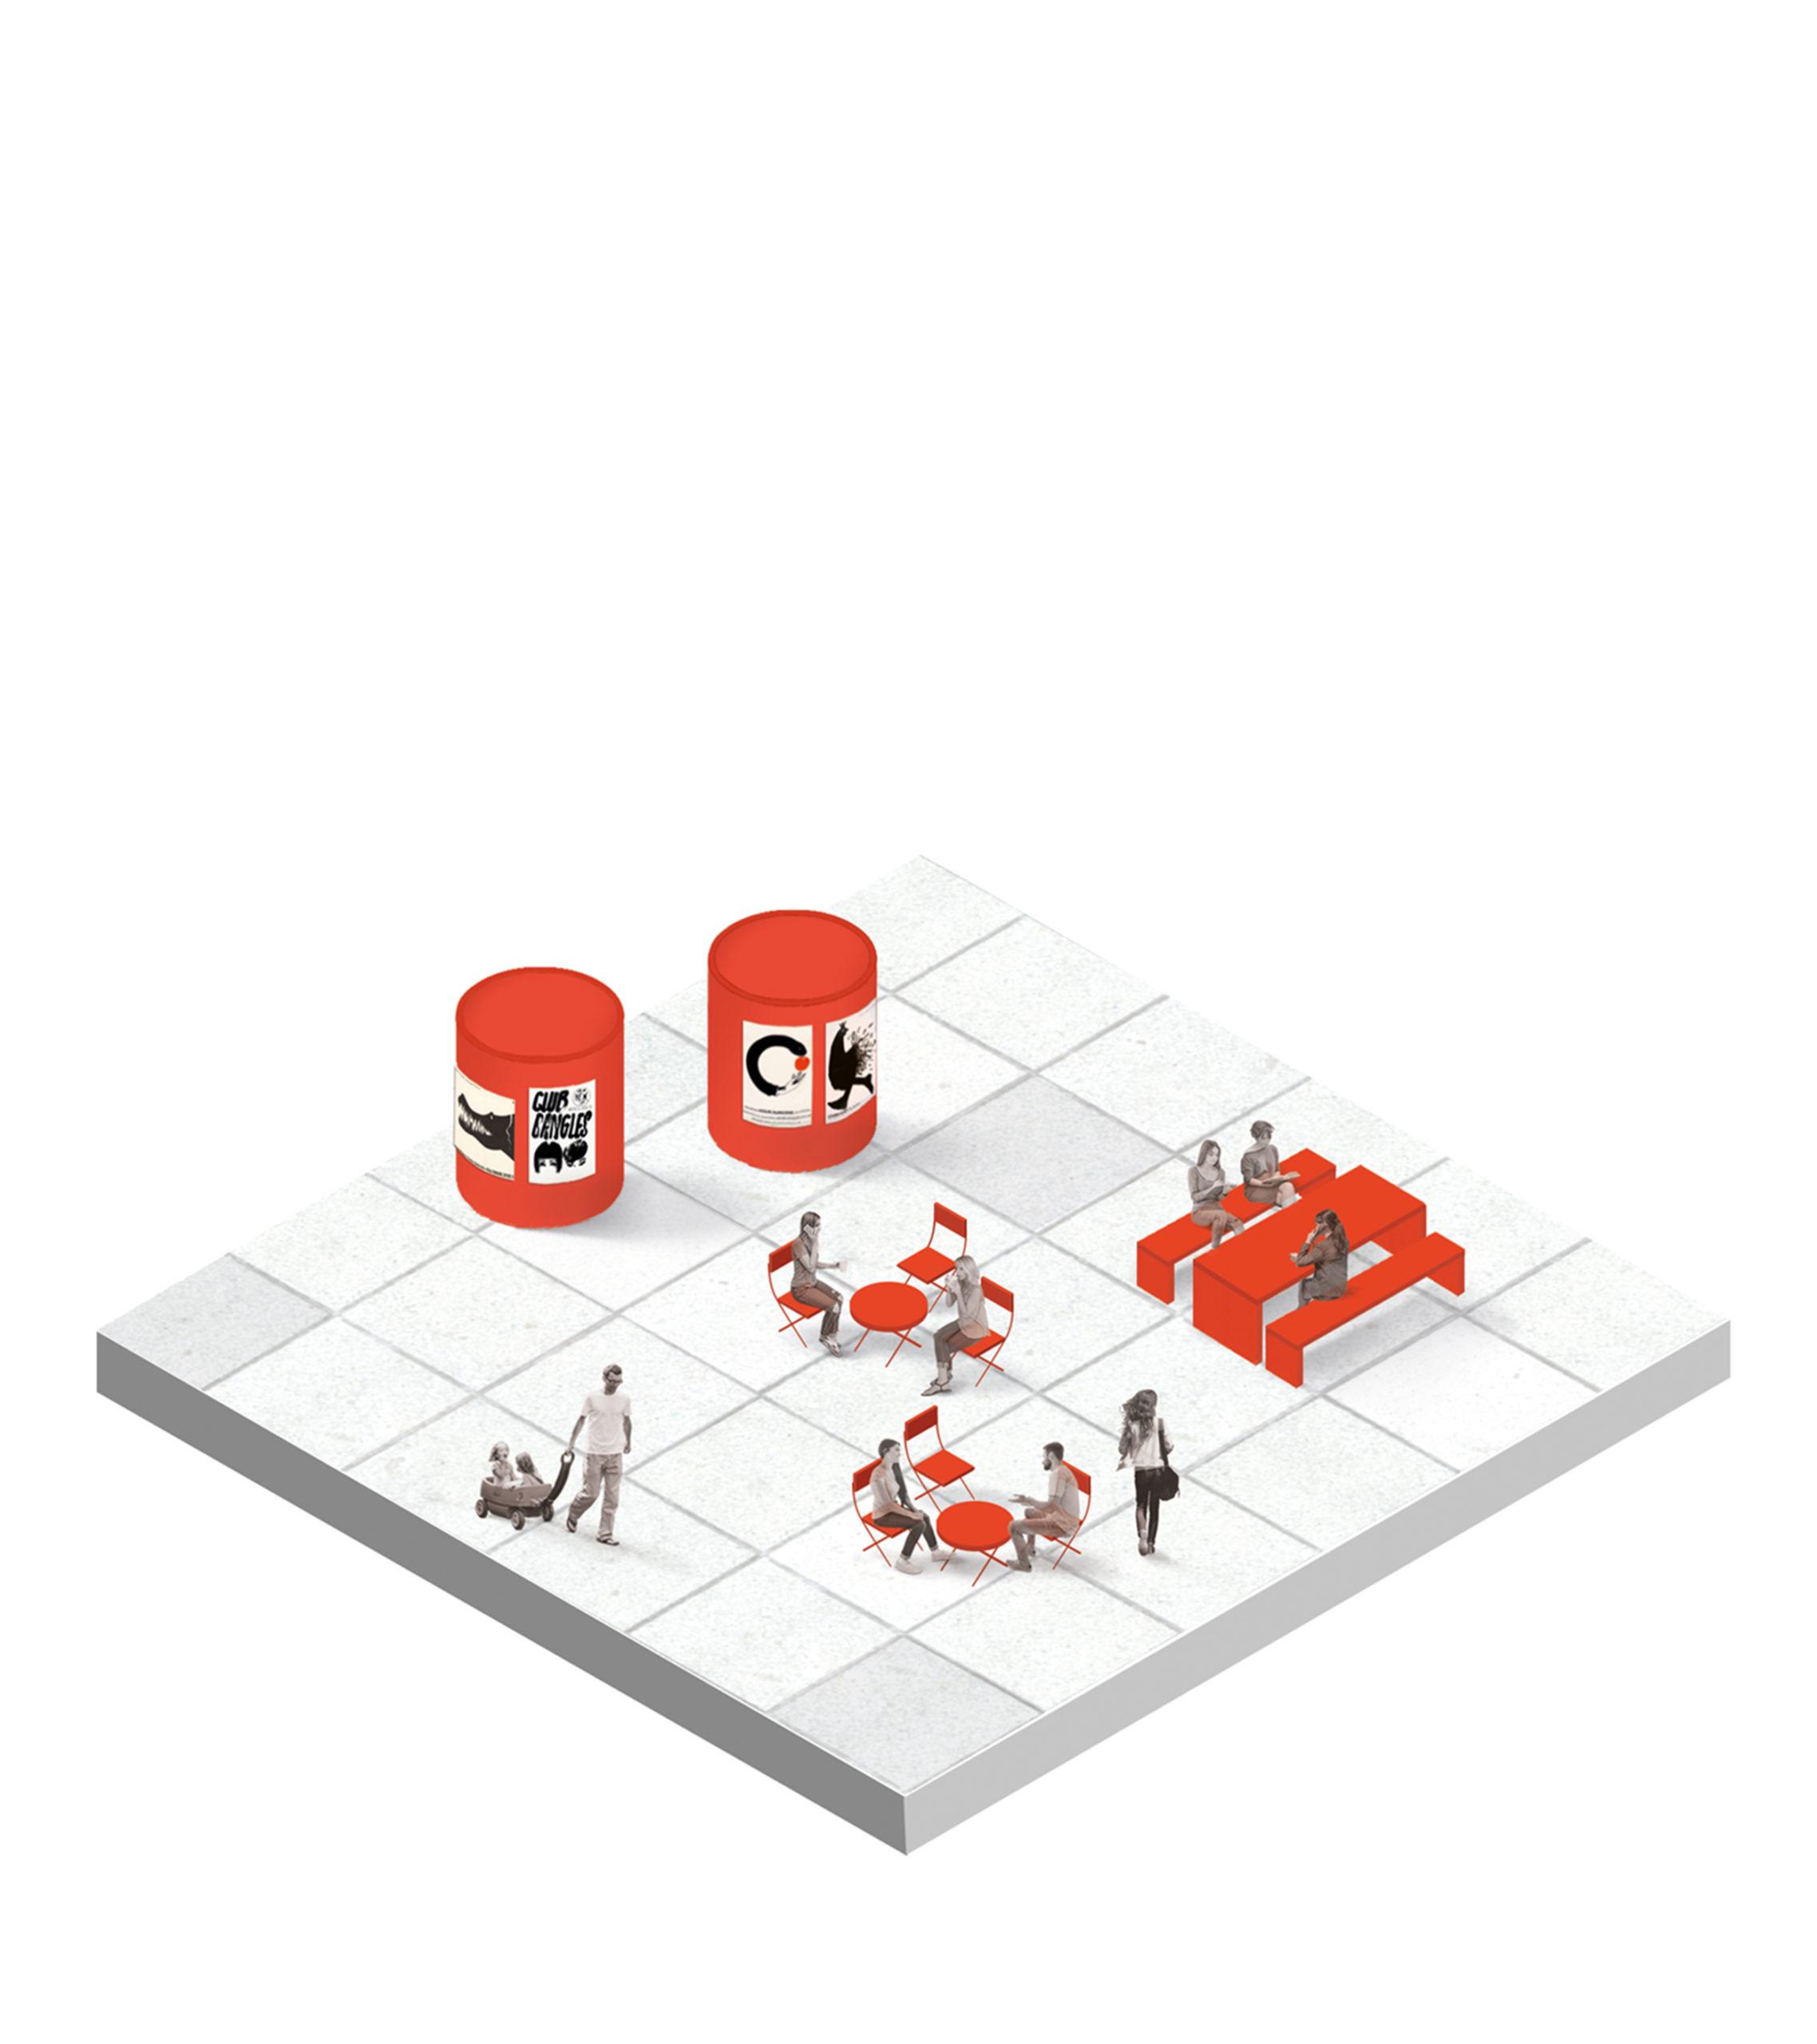 Amfin arkkitehtuurisuunnittelu ehdottaa rentoja kohtaamispaikkoja ihmisille.